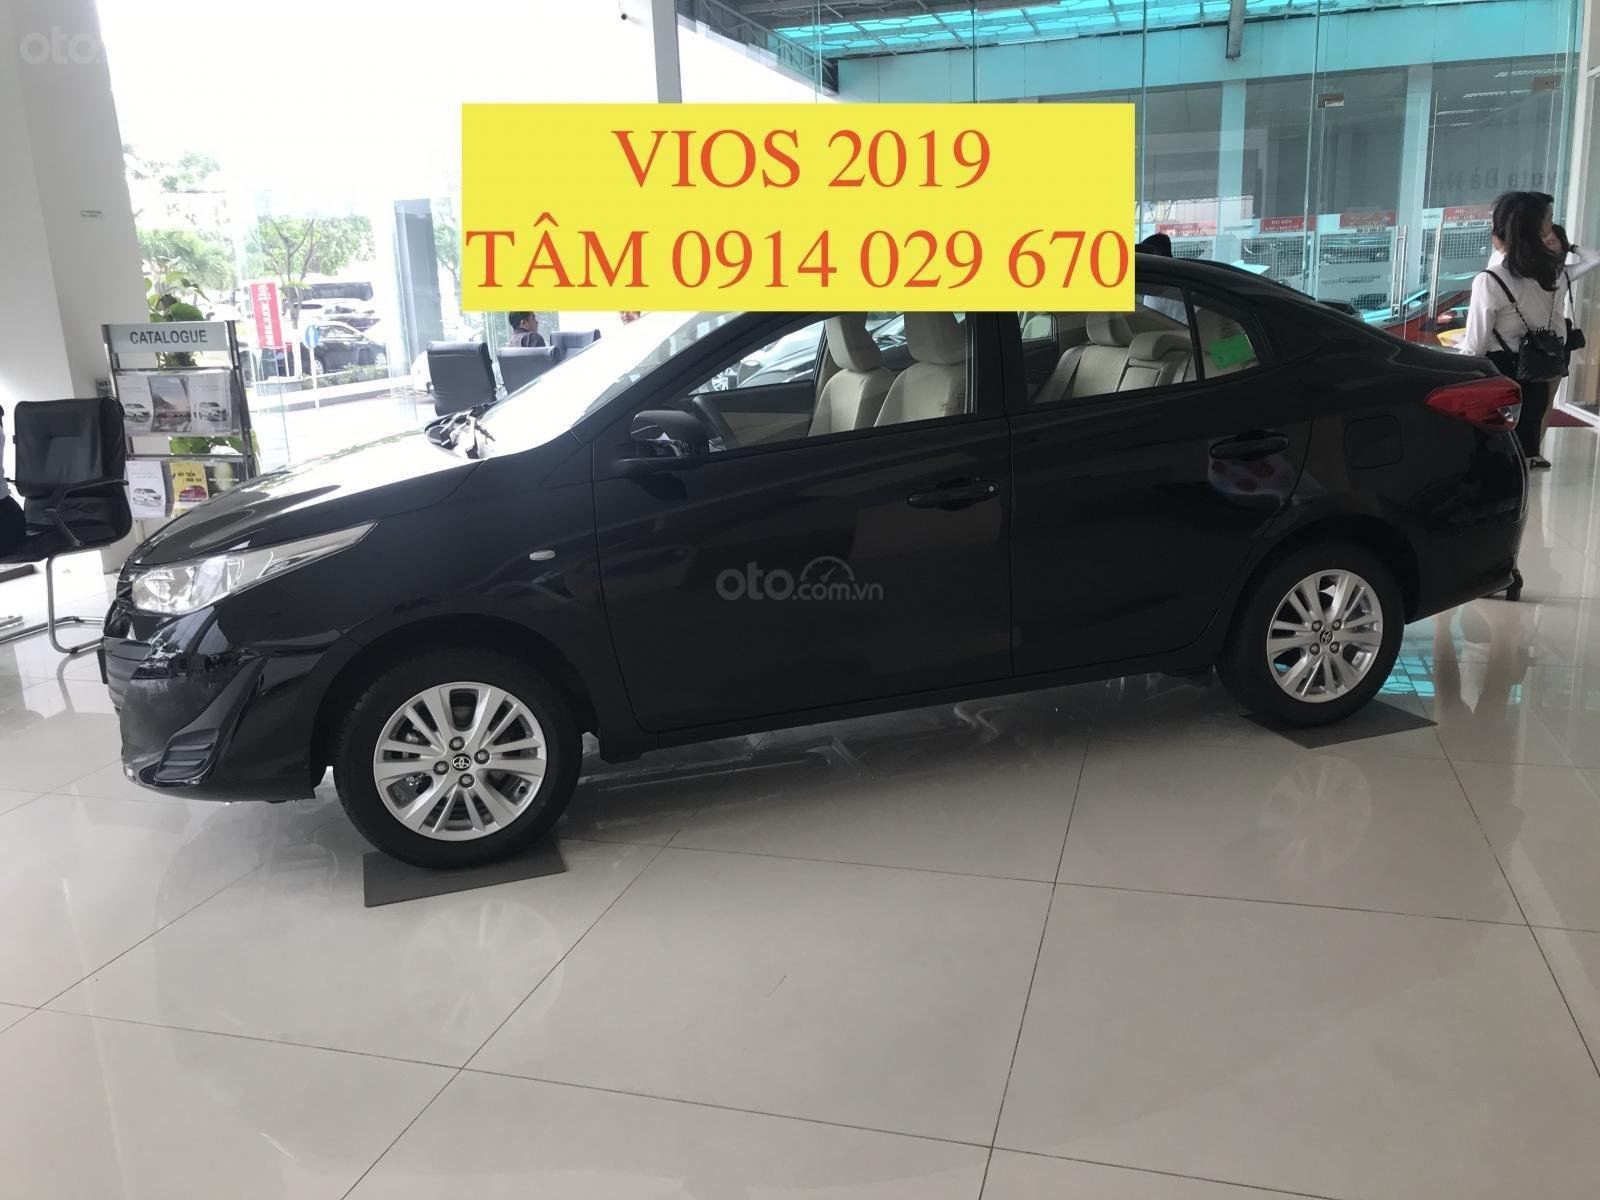 Bán Toyota Vios 2019 giá rẻ nhất thị trường, giao xe ngay, hỗ trợ vay 80% - LH 0914 029 670 (Tâm) (1)